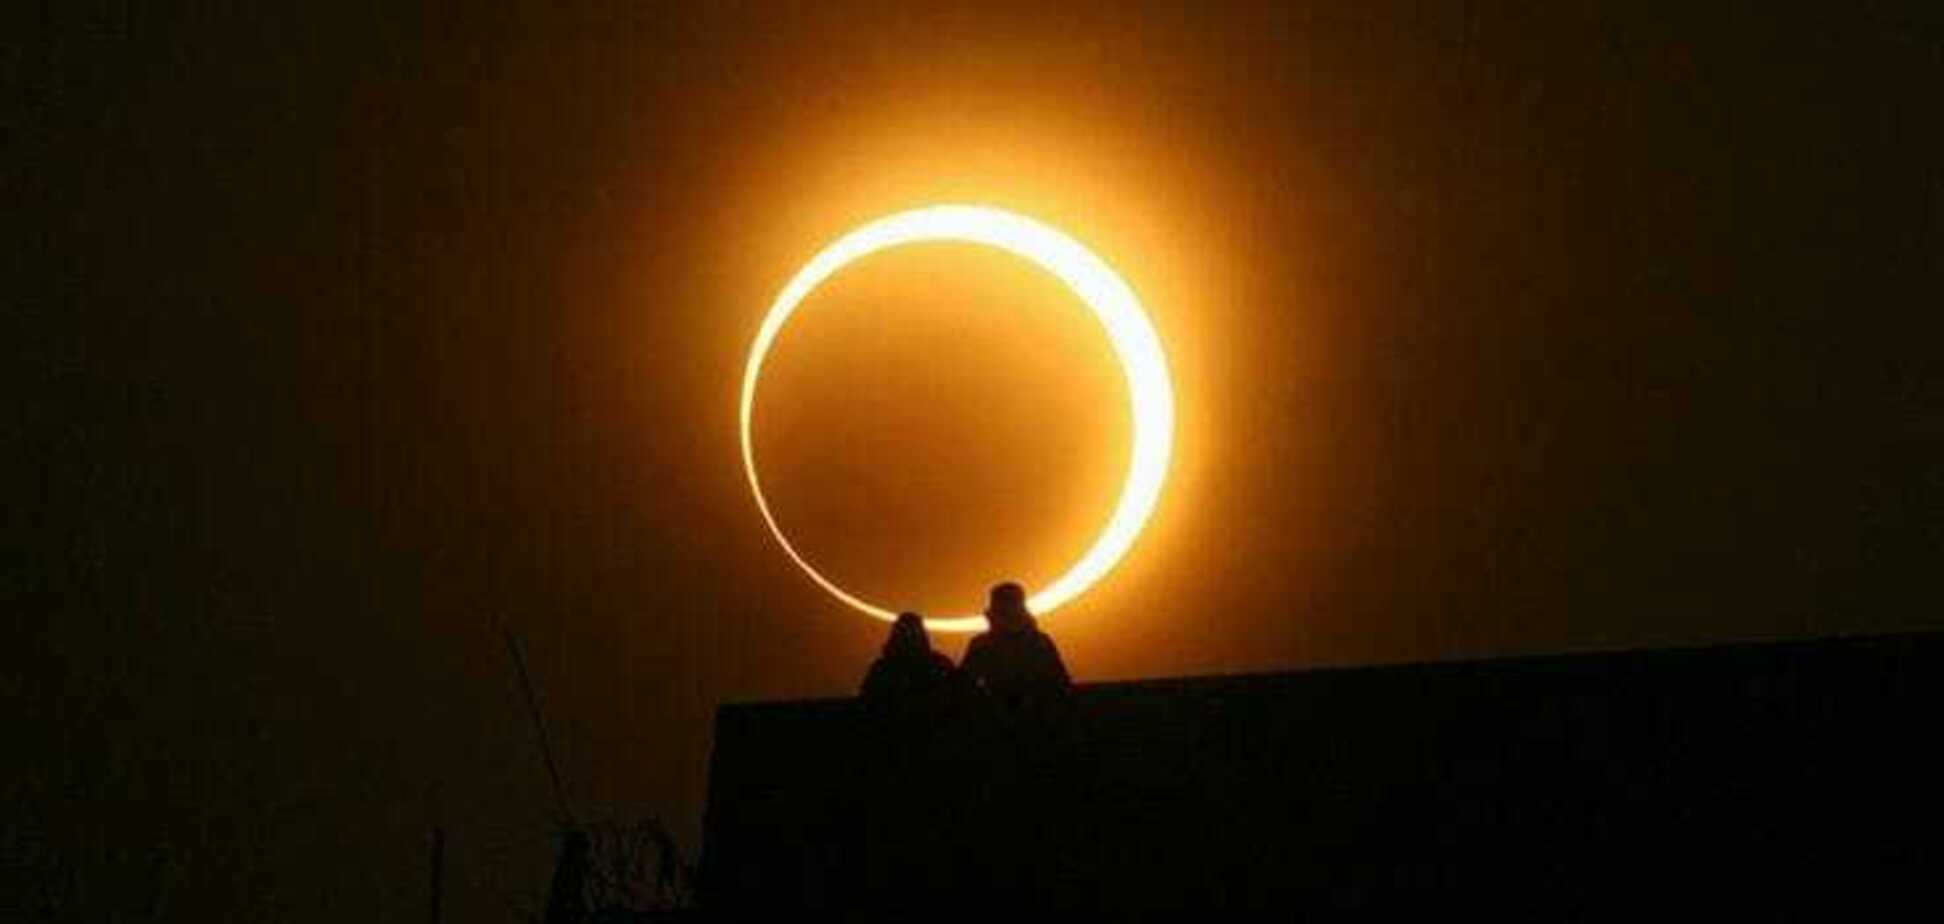 Лунное и солнечное затмение: каким знакам обратить на себя пристальное внимание